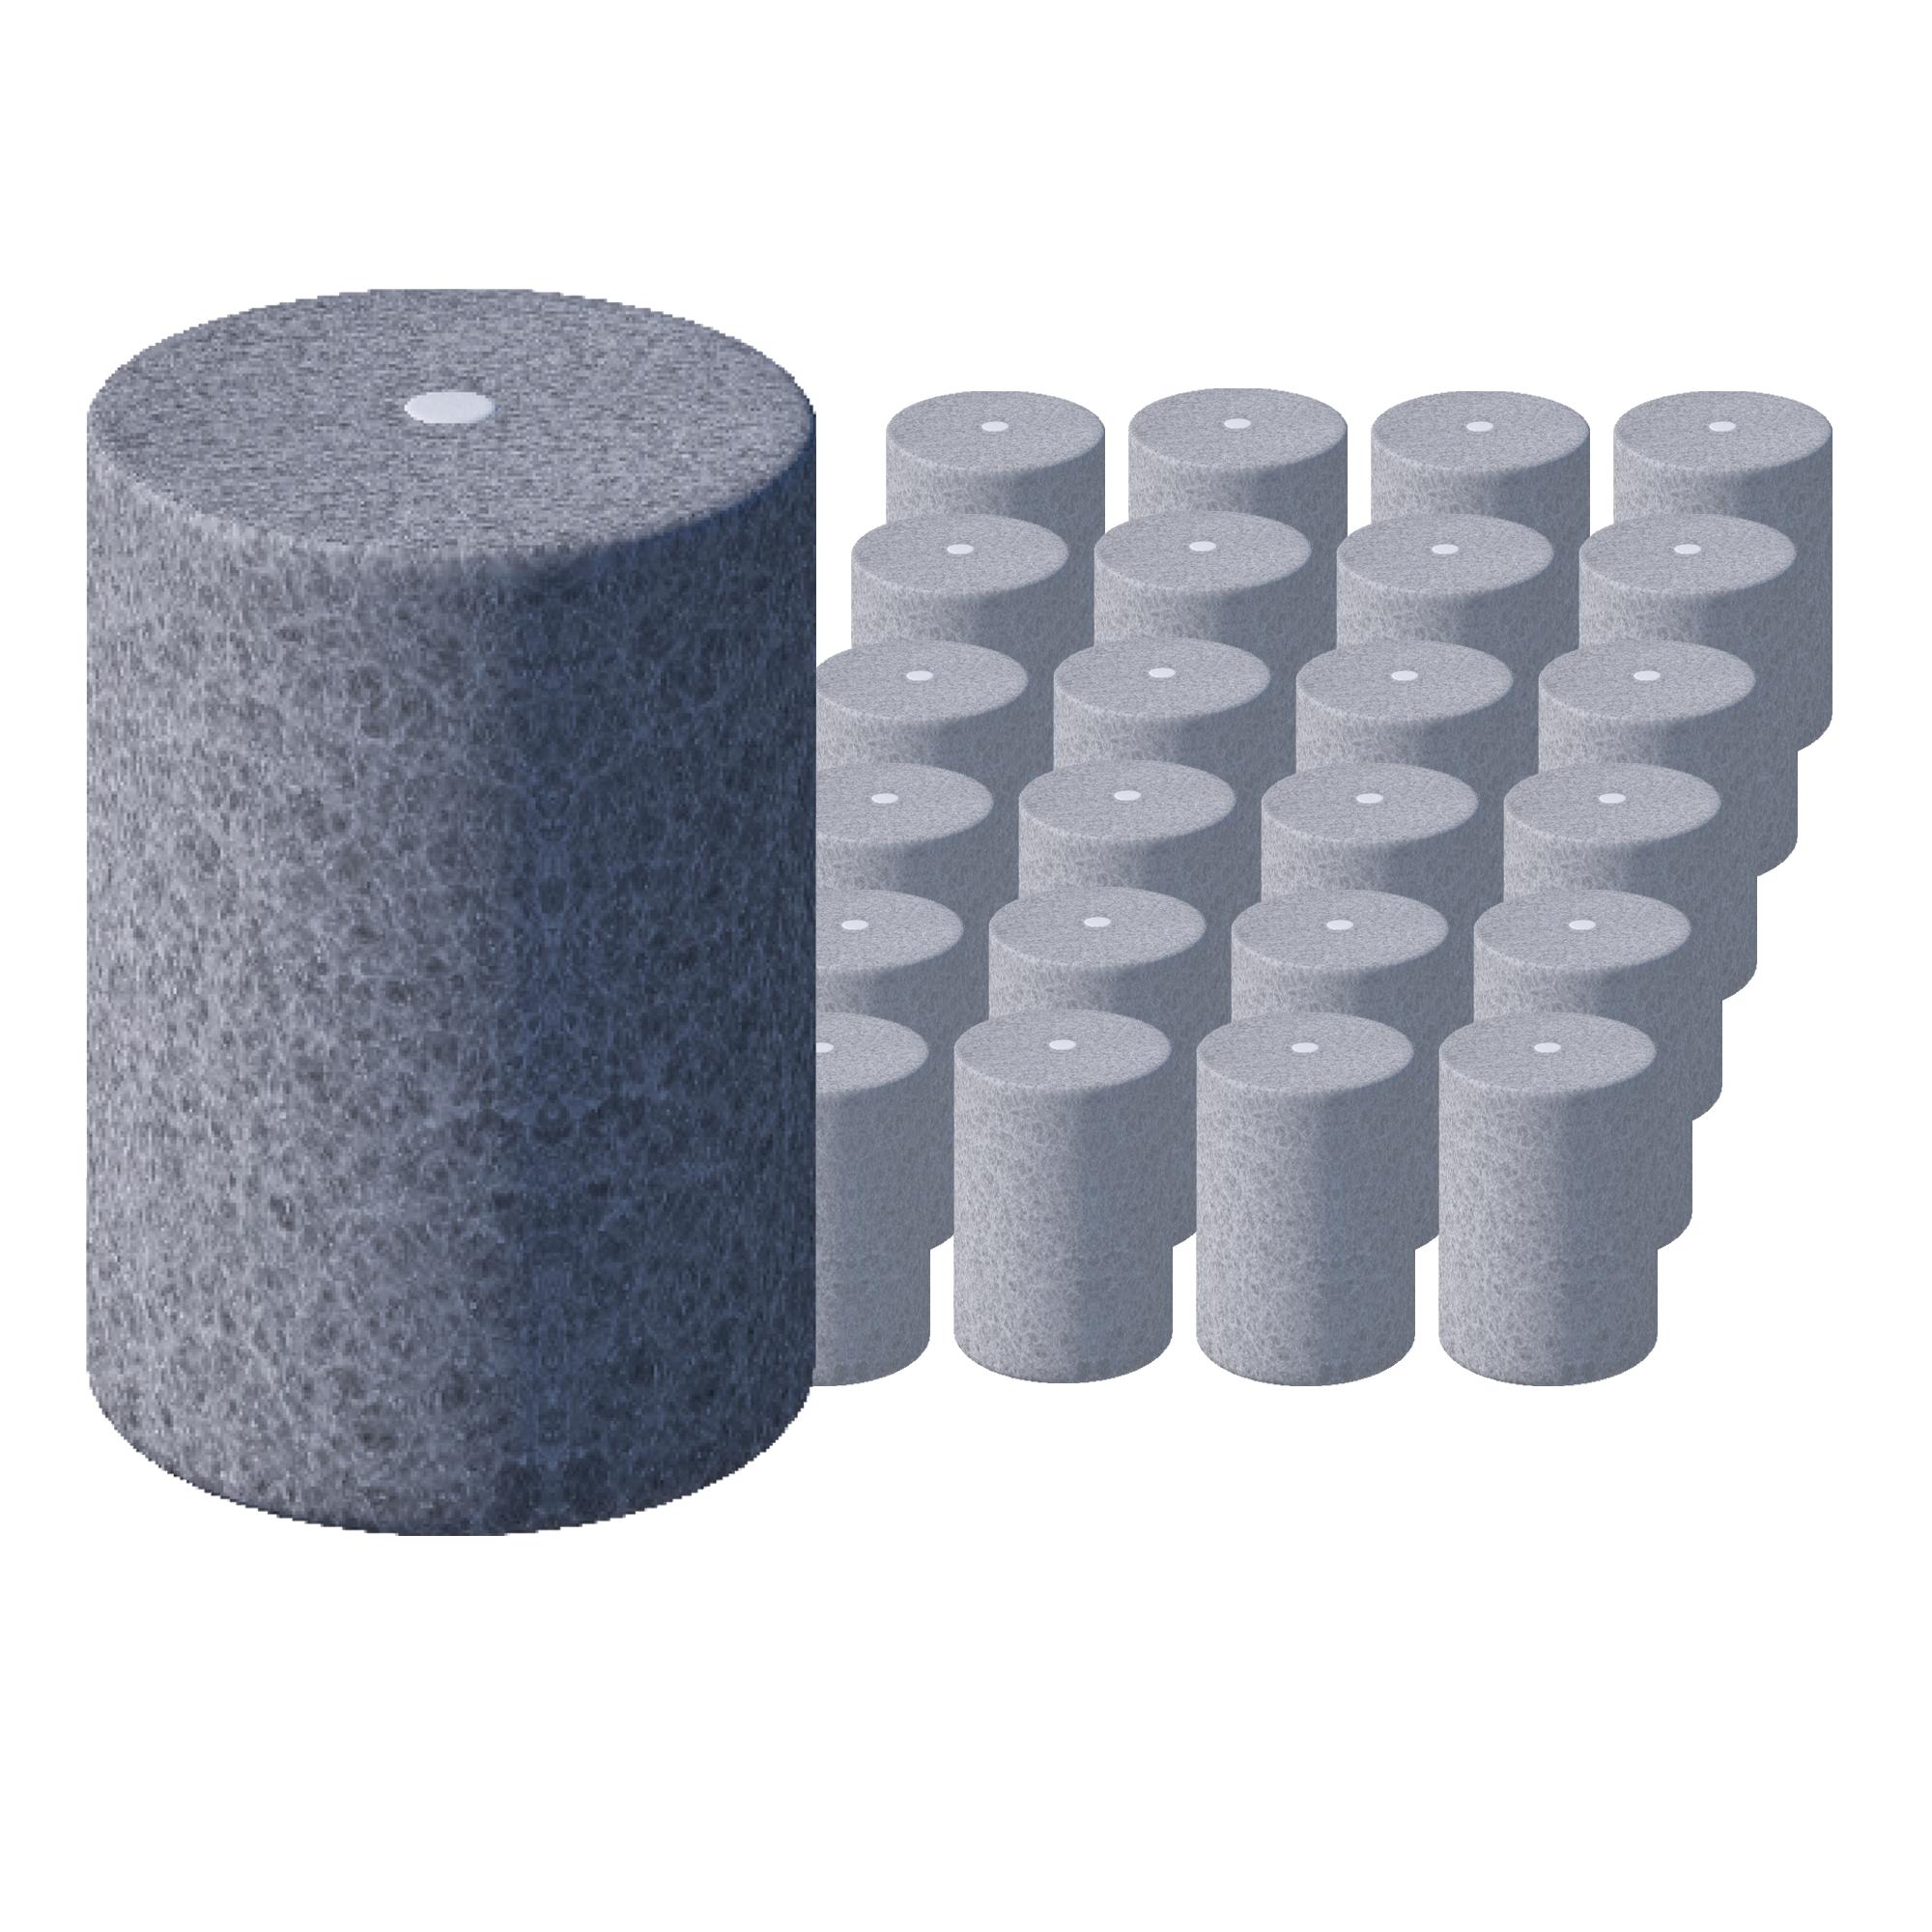 Gerüstanker-PU-Stopfen für Bohrlöcher bis Ø 17 mm